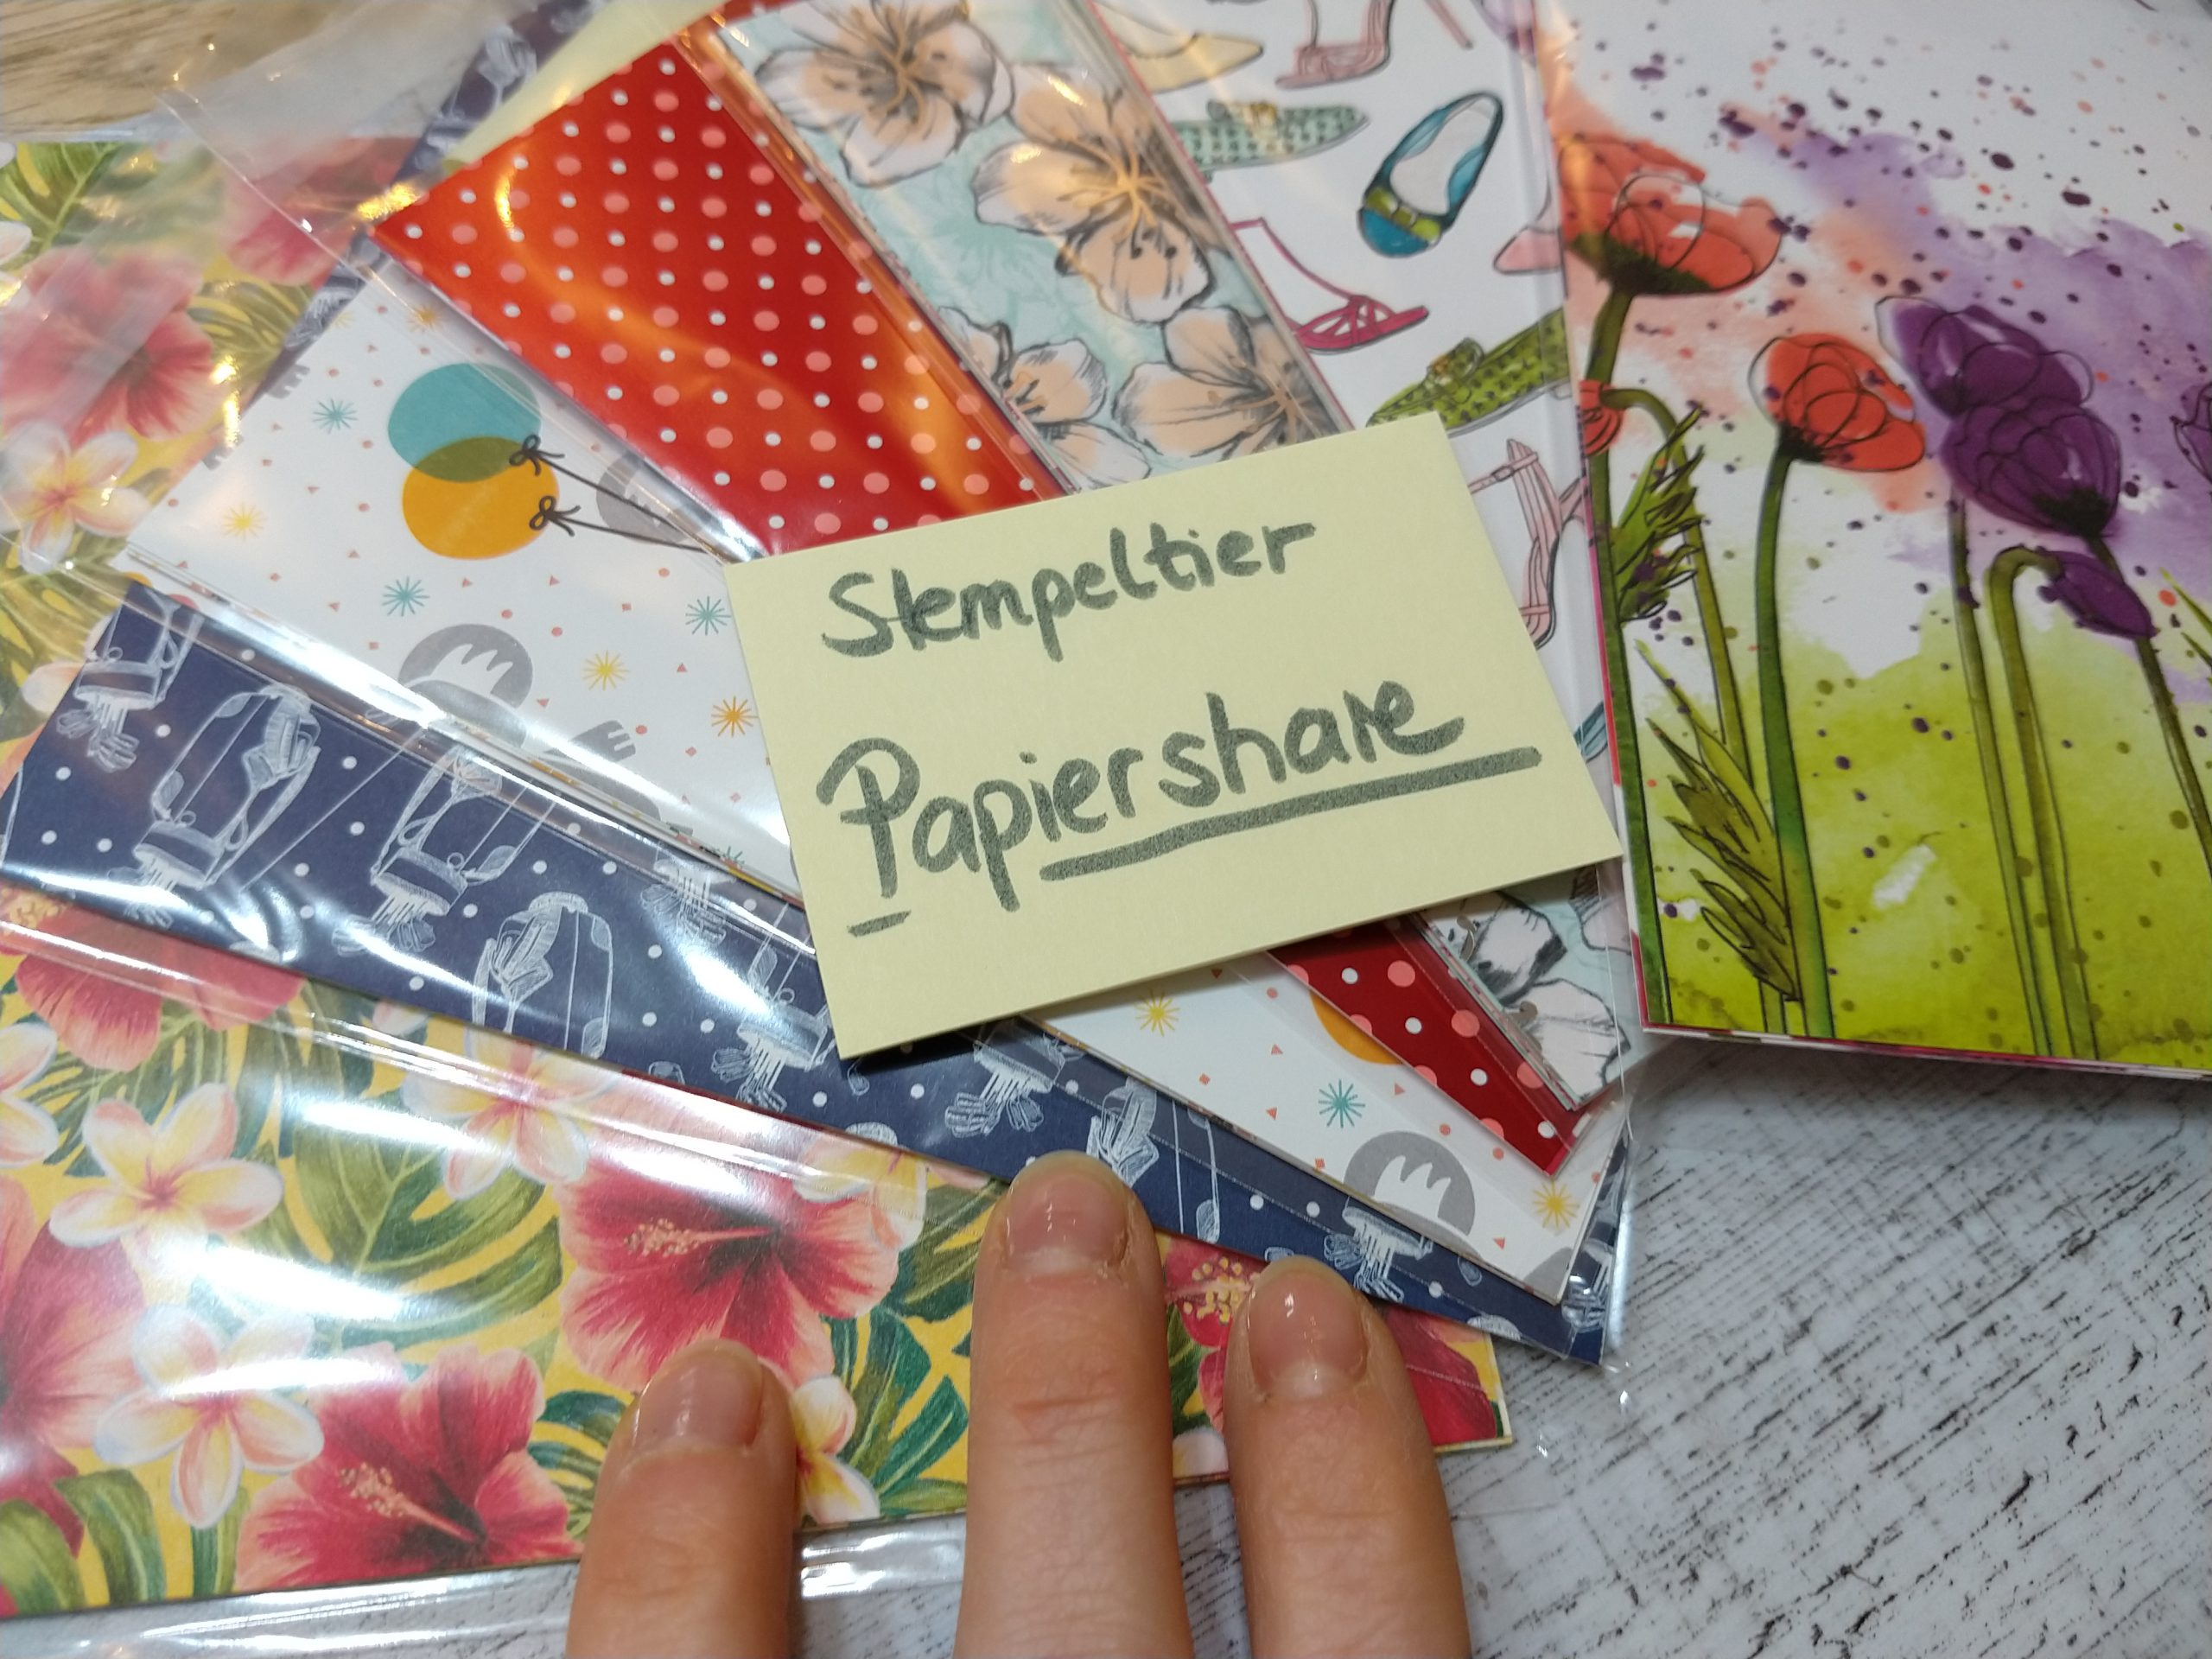 papershare-stampin-up-2020-Papiershare-stempeltier-minikatalog-frühling